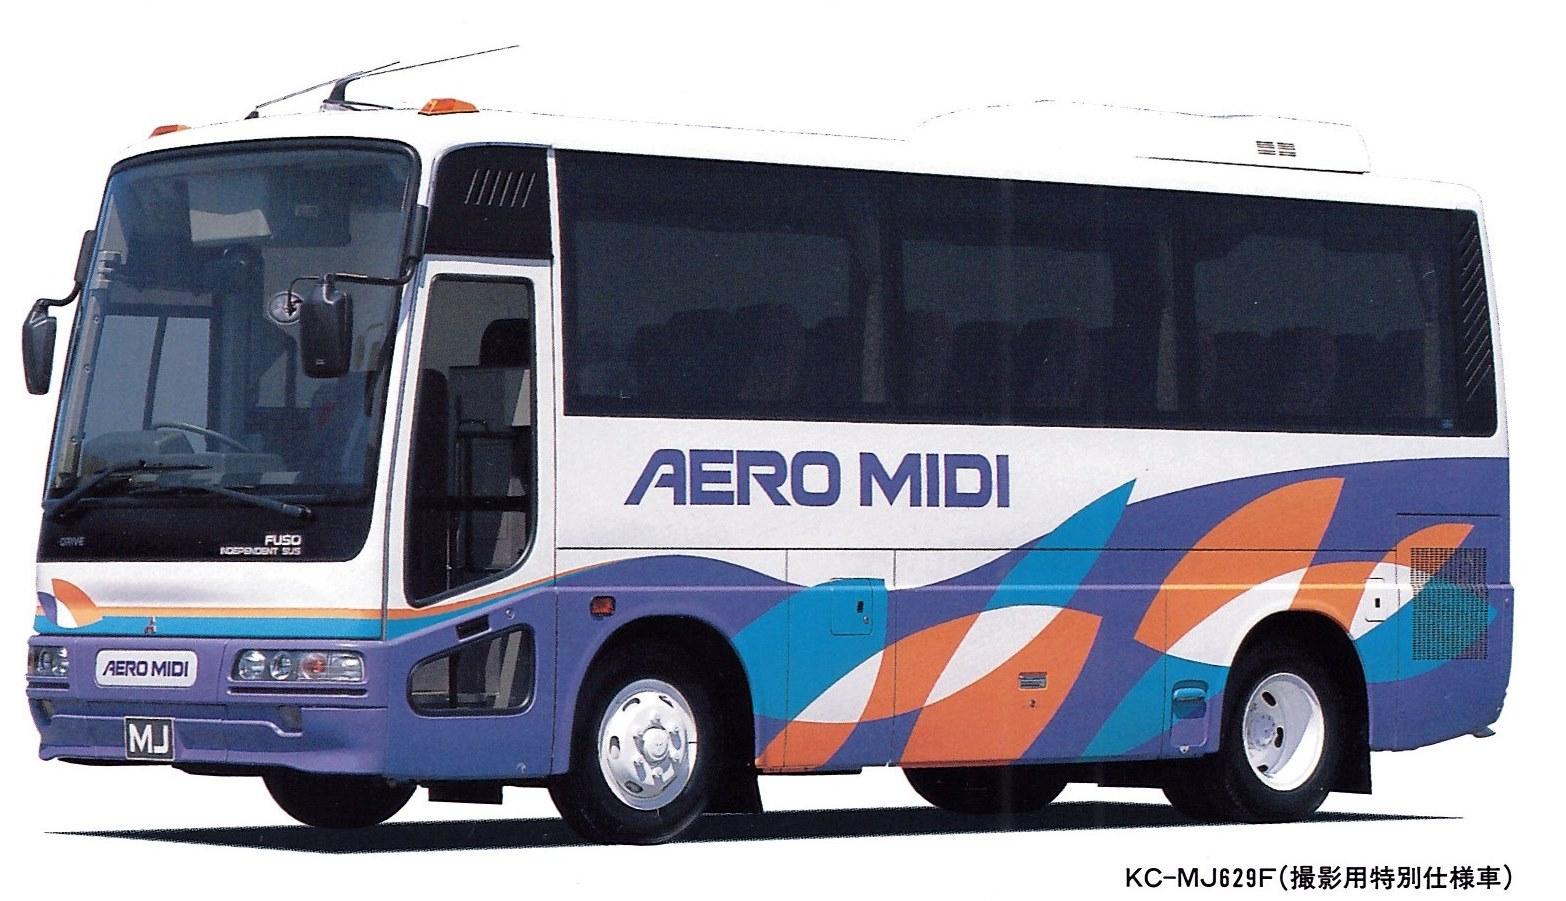 エアロミディMJハイデッカー車